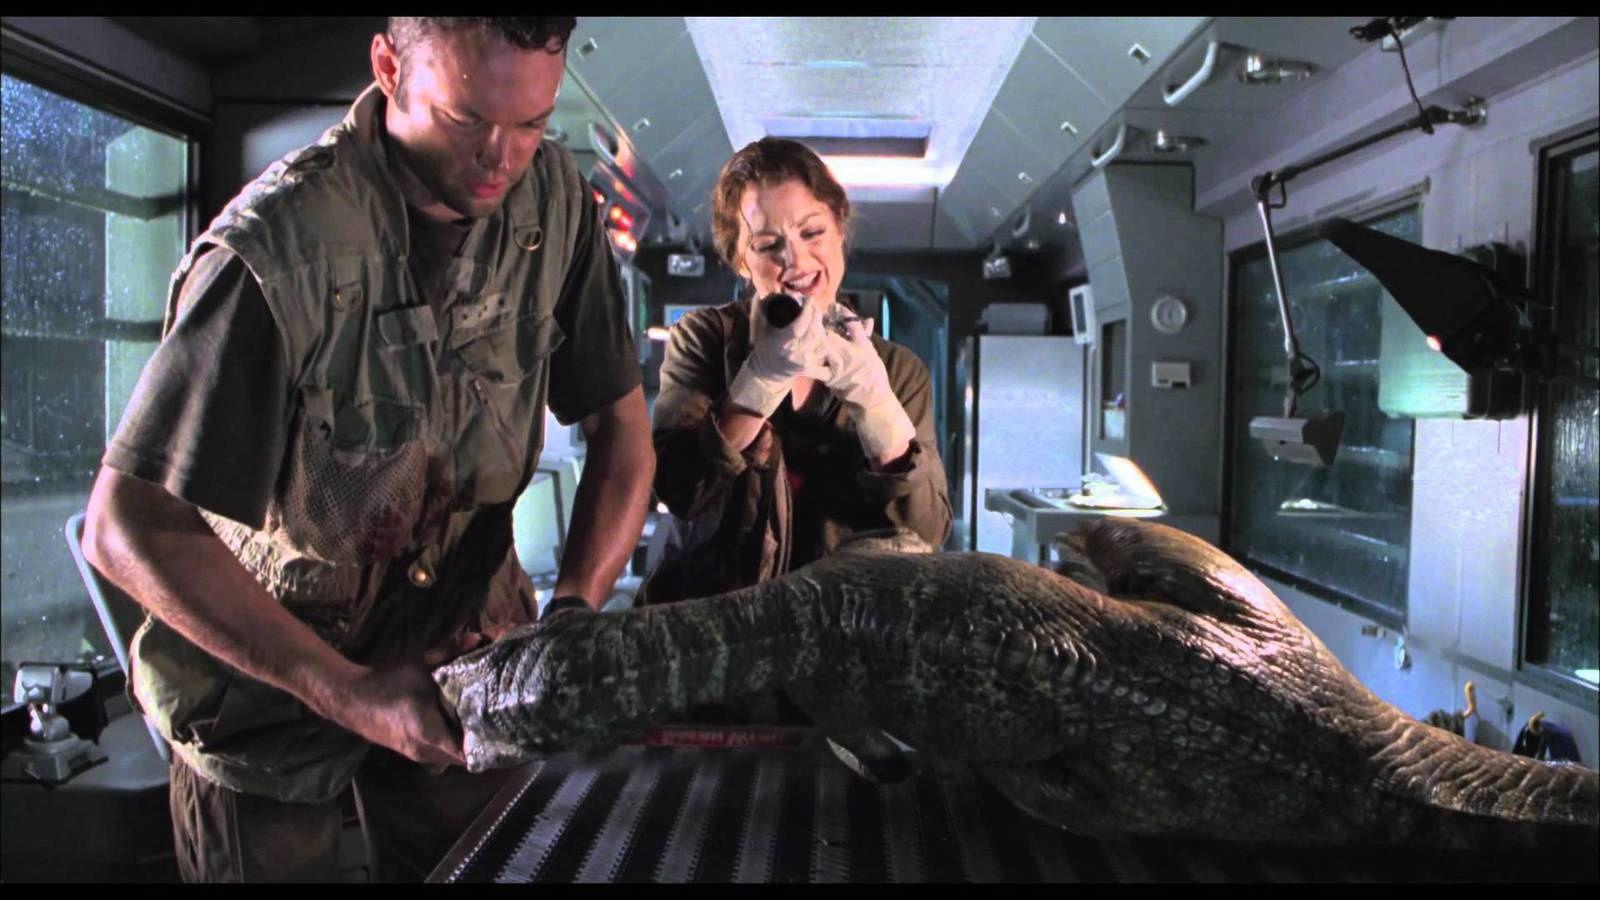 [critique] Le Monde Perdu : Jurassic Park le retour